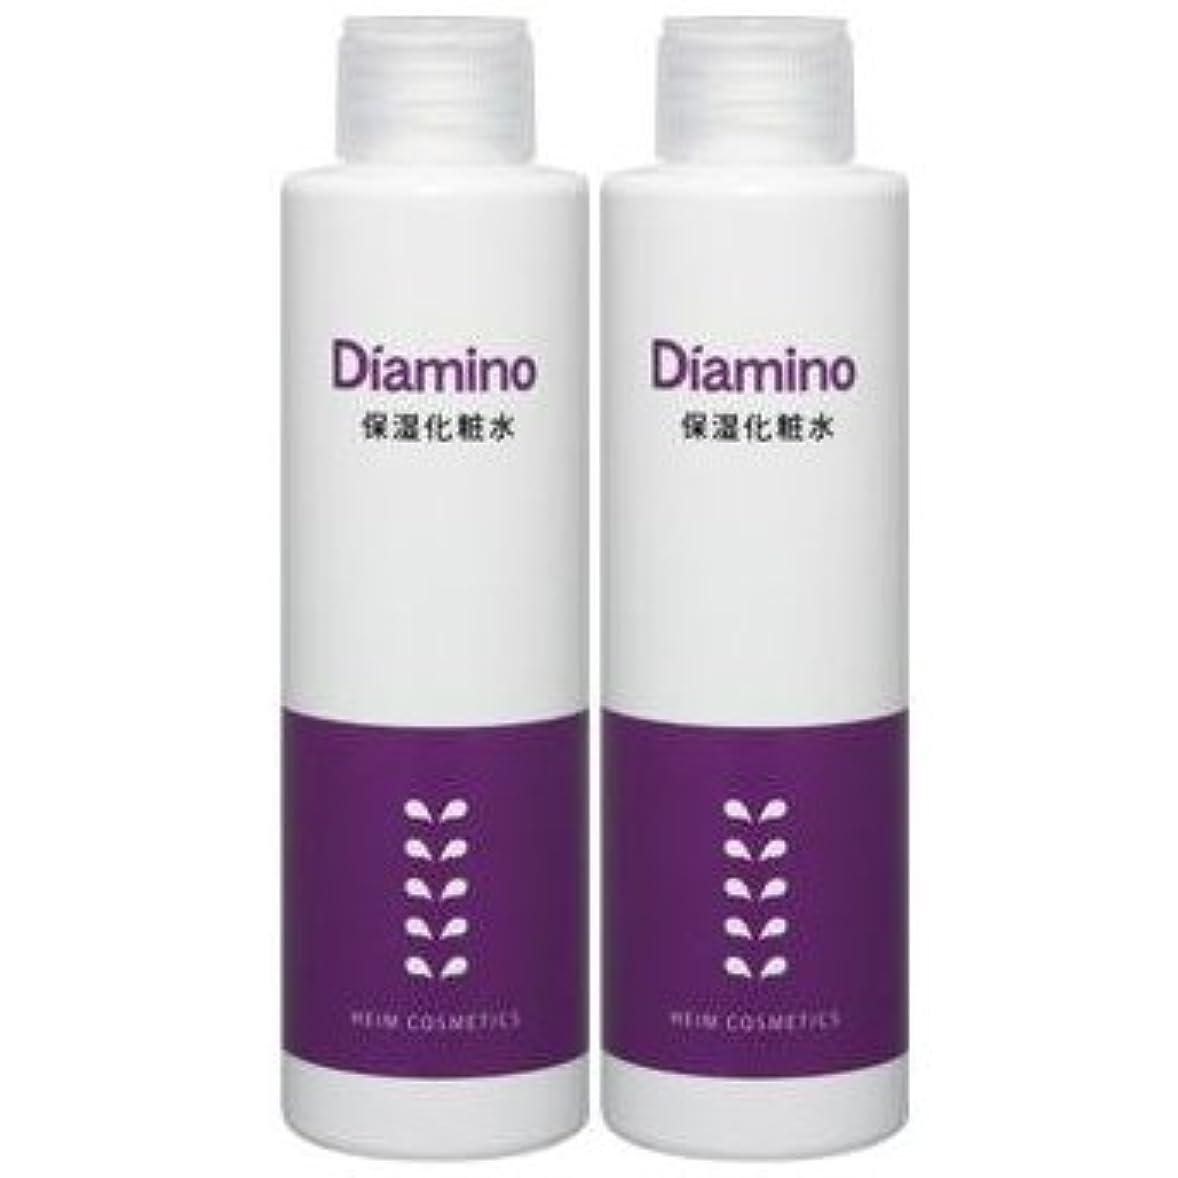 ルー恨み耐えられるハイム化粧品/ディアミノ 保湿 化粧水×2個